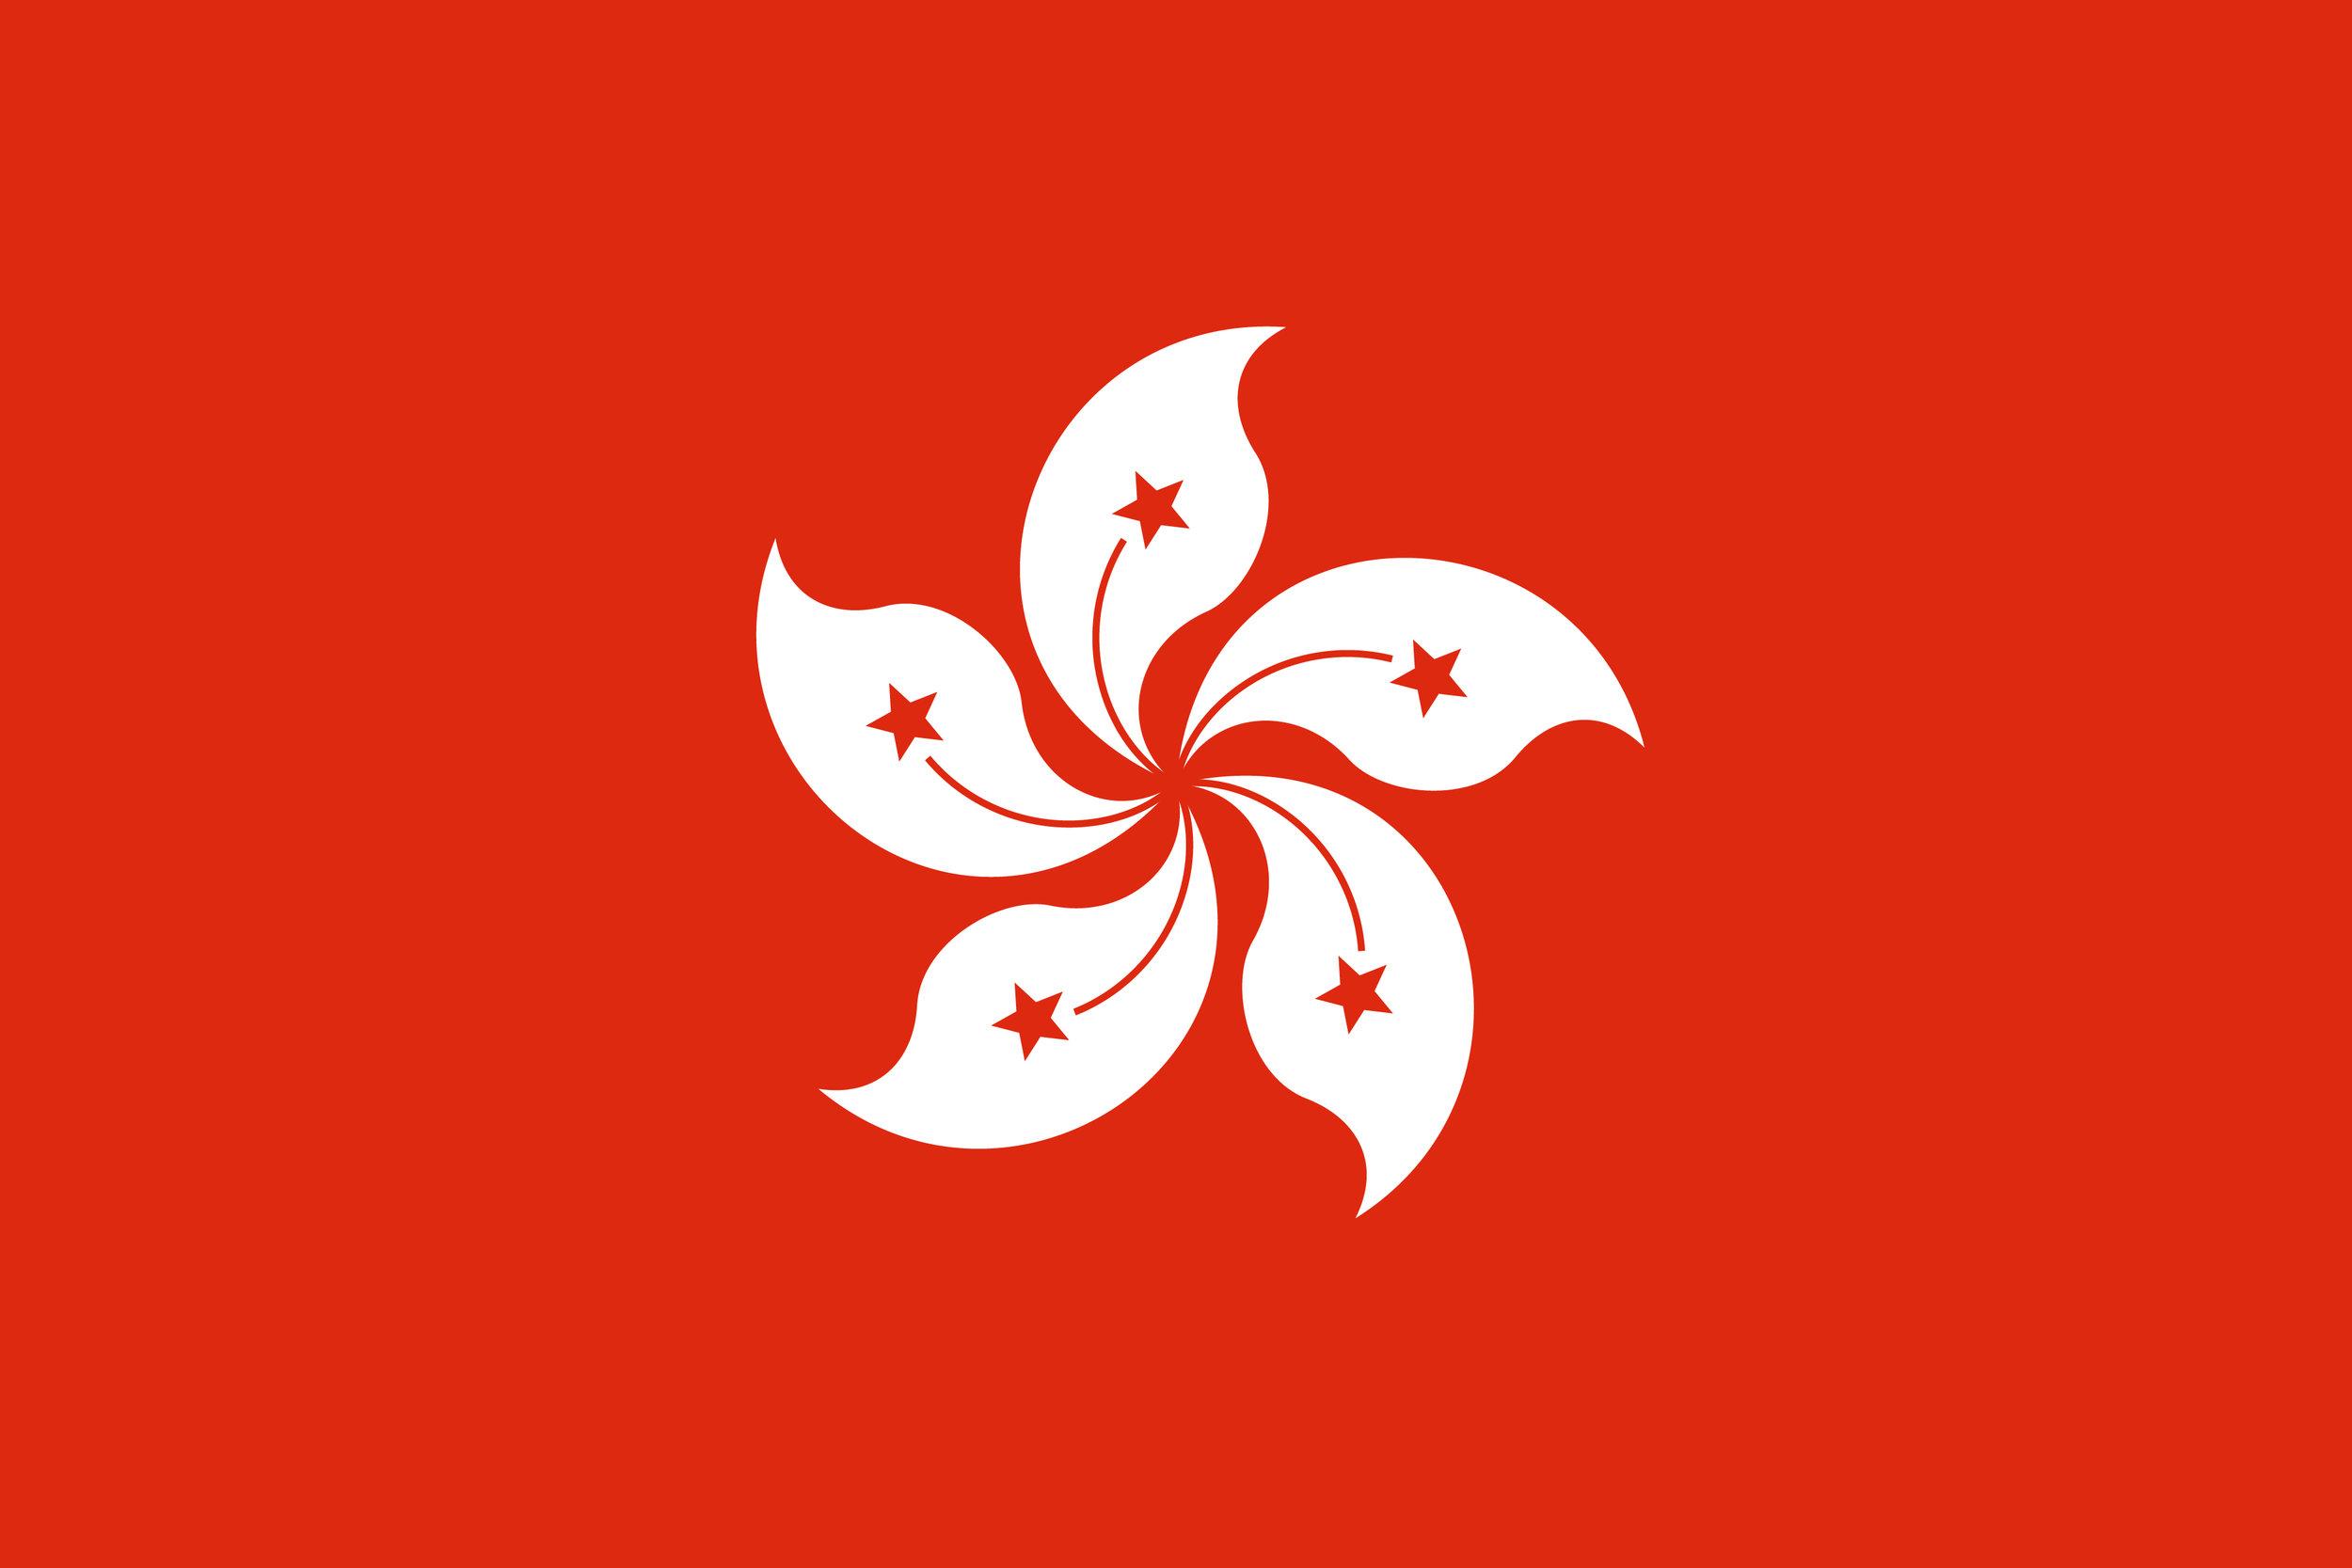 Flag_of_Hong_Kong.jpg